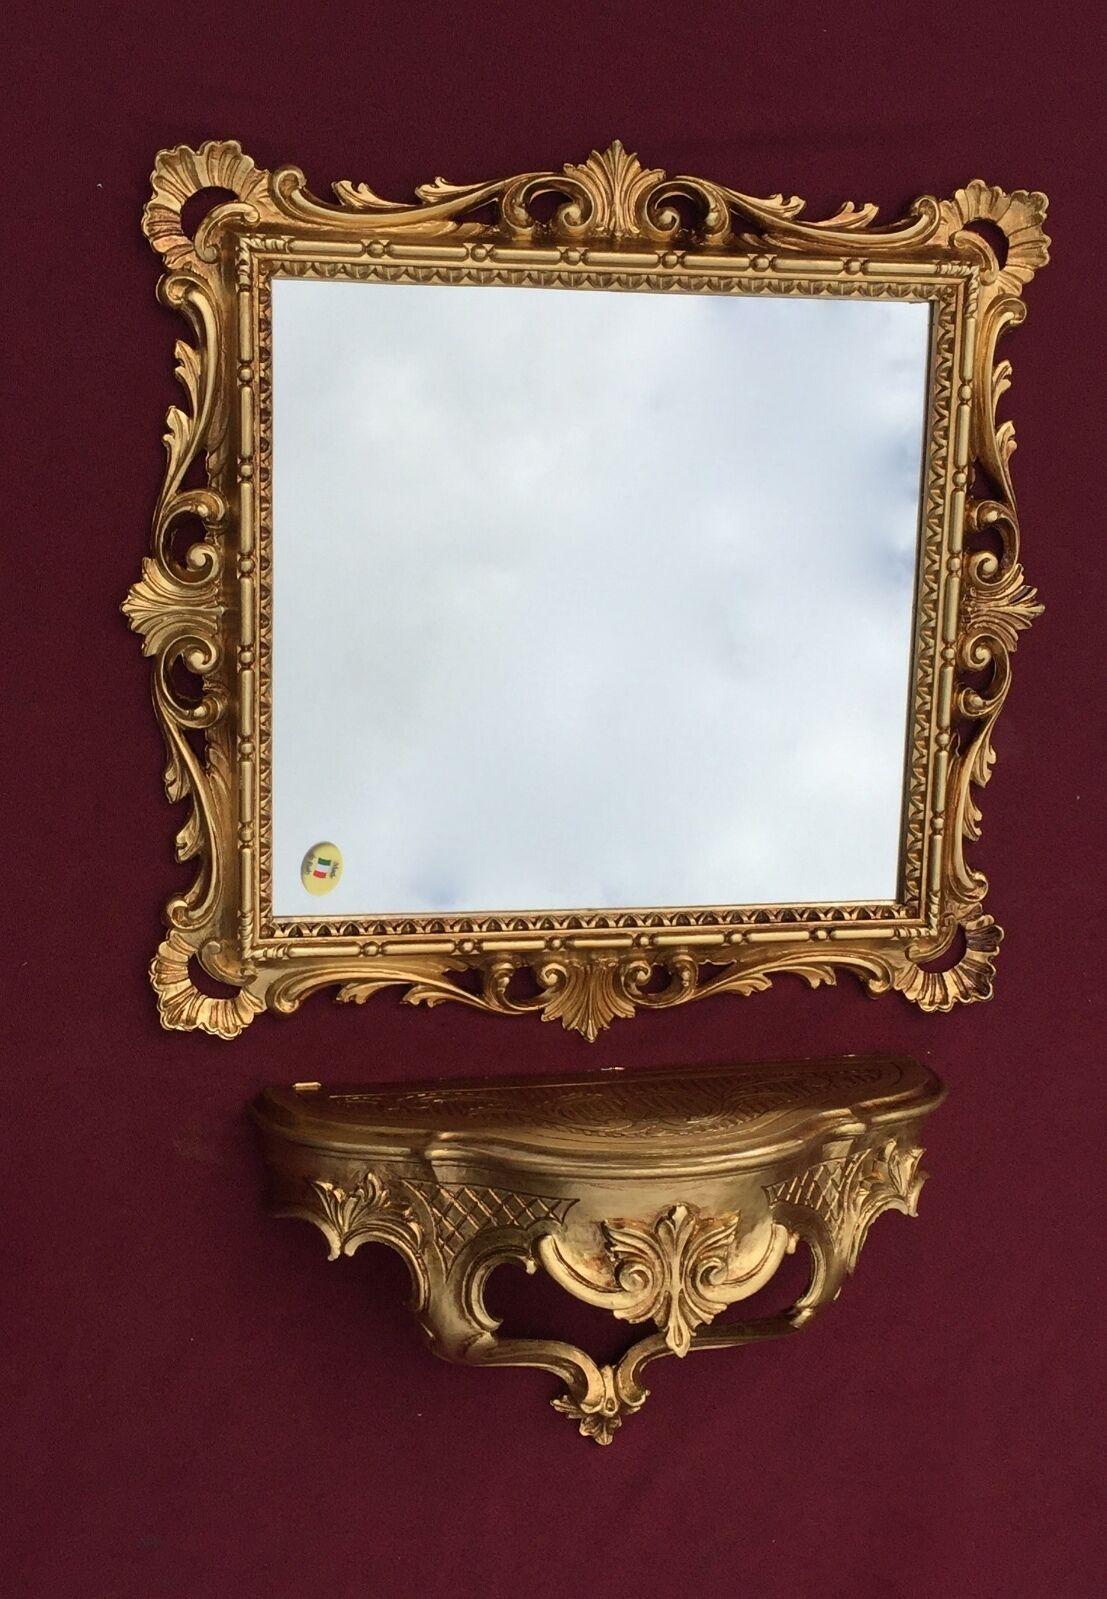 Wandspiegel mit konsole barock gold mit glas 38x36 antik badspiegel ablage c533 kaufen bei - Badspiegel ablage ...